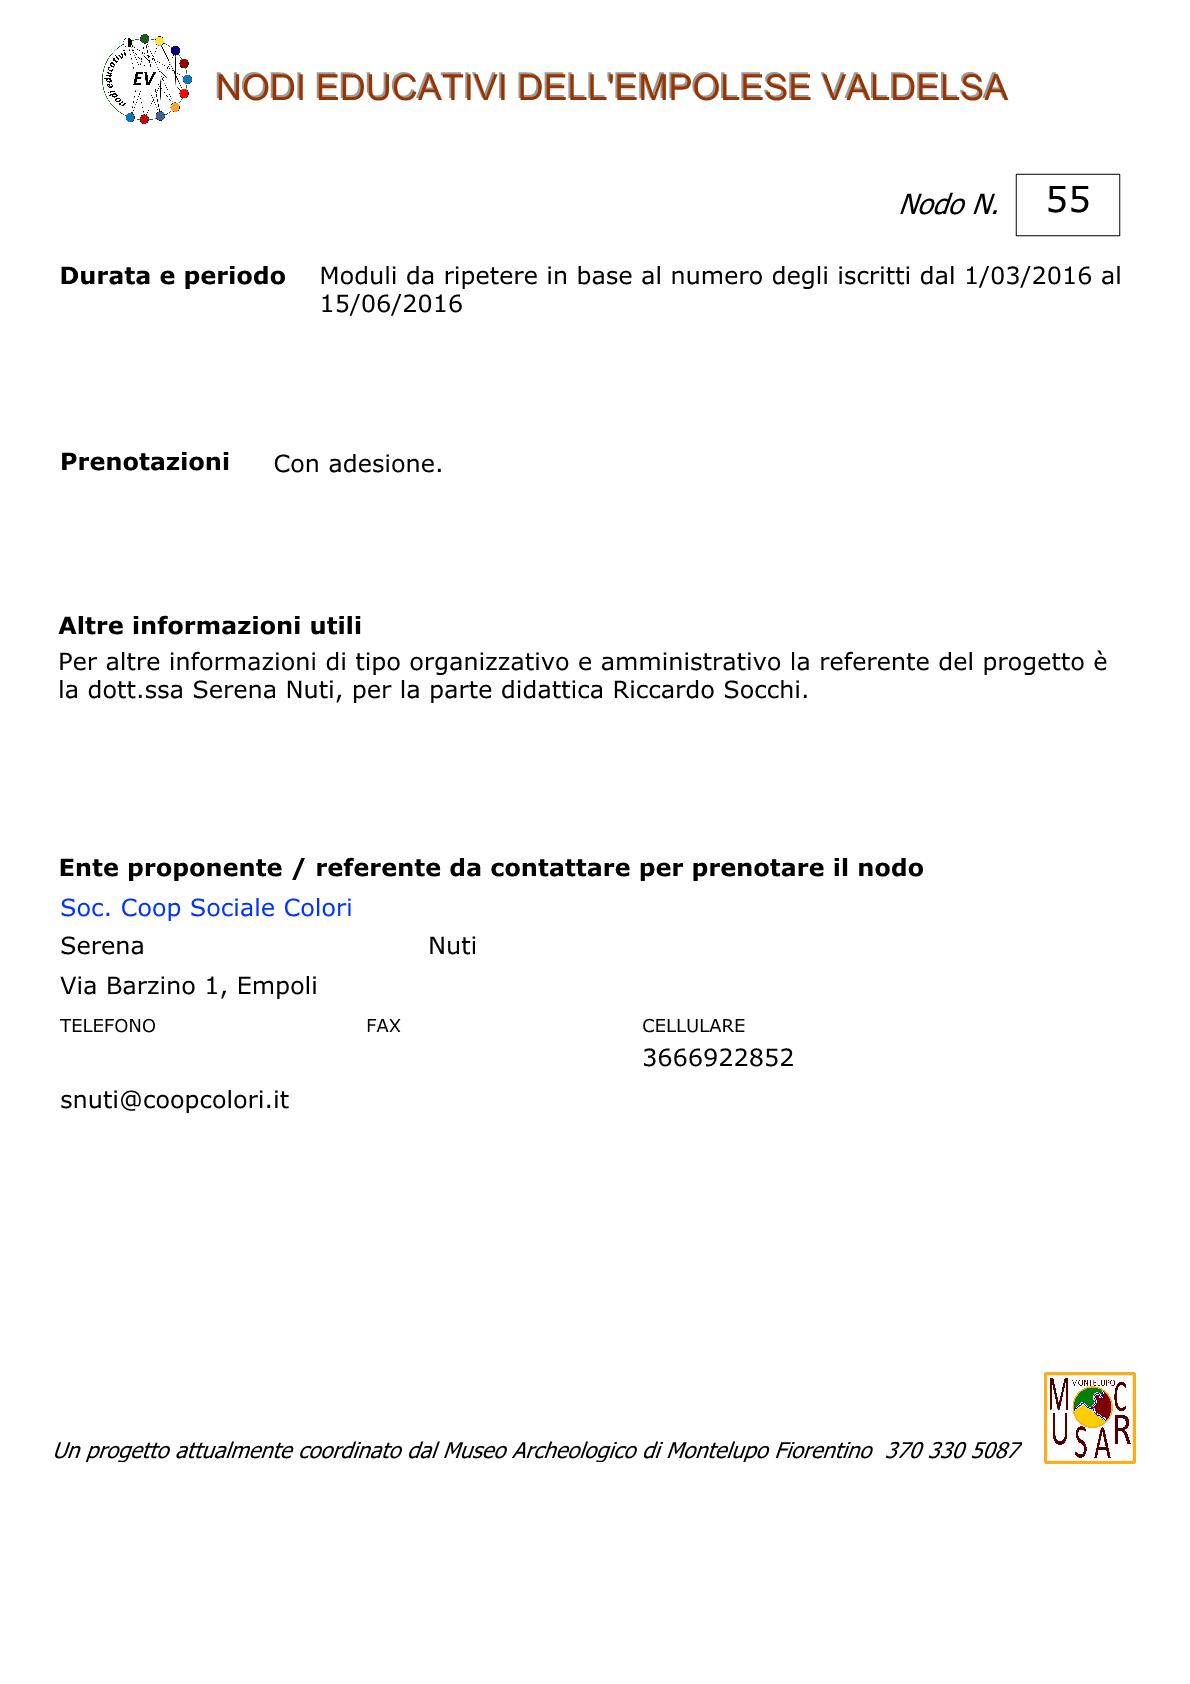 nodi-ev-161001-n-0553